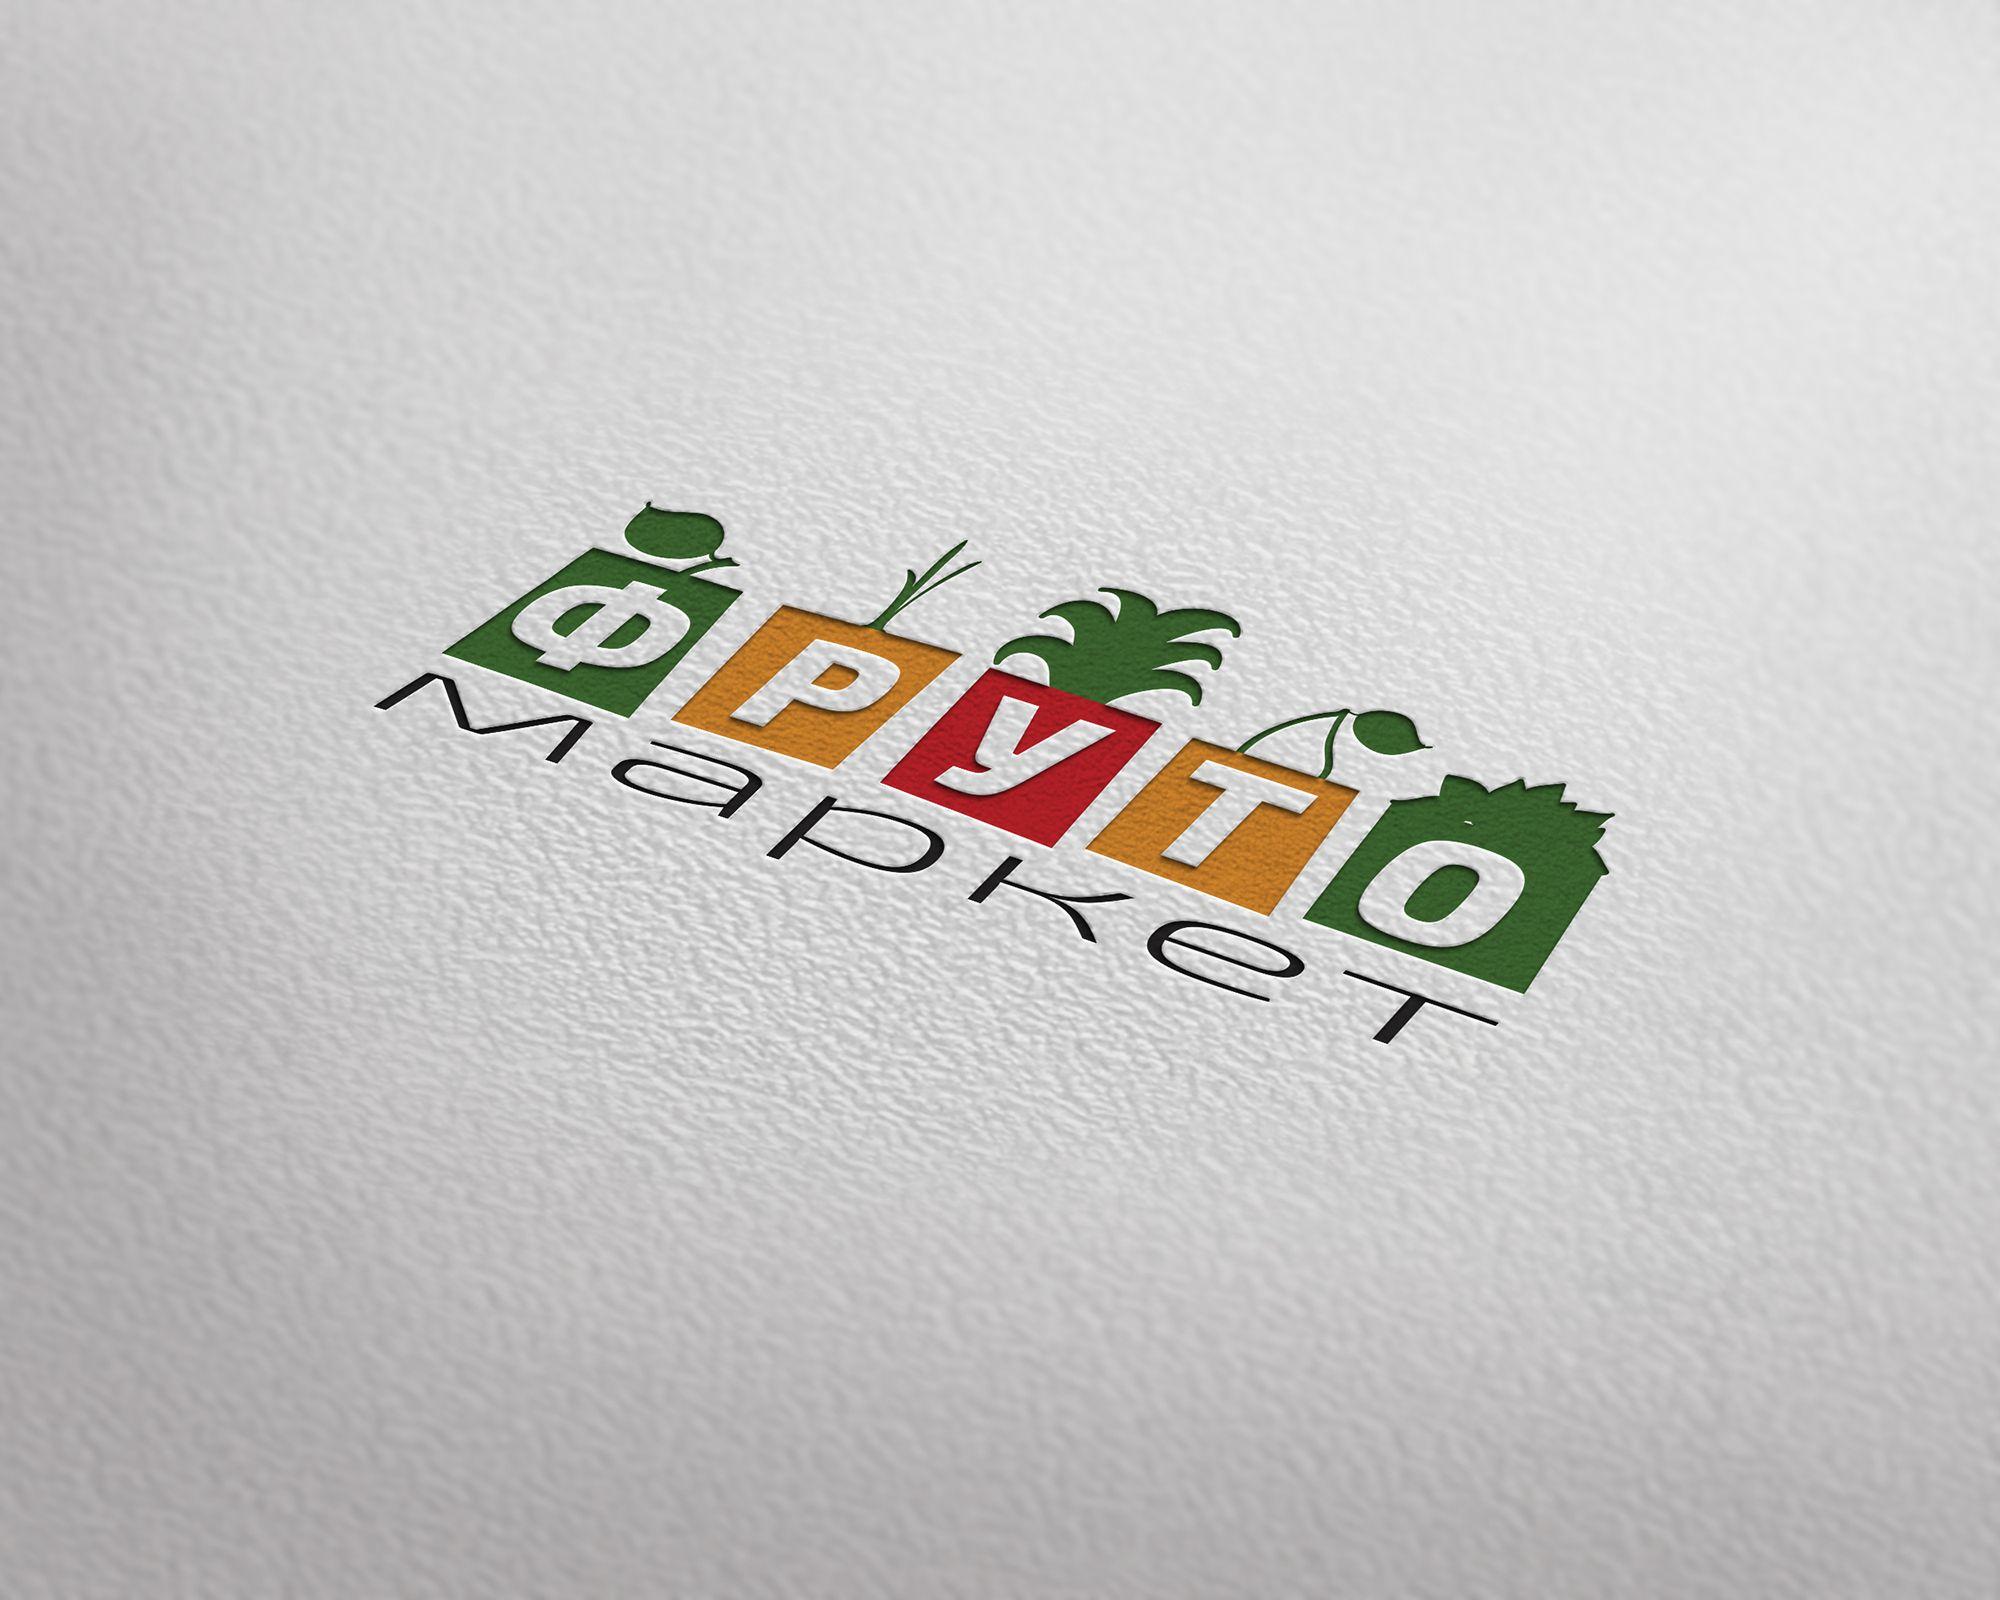 Логотип-вывеска фруктово-овощных магазинов премиум - дизайнер trocky18